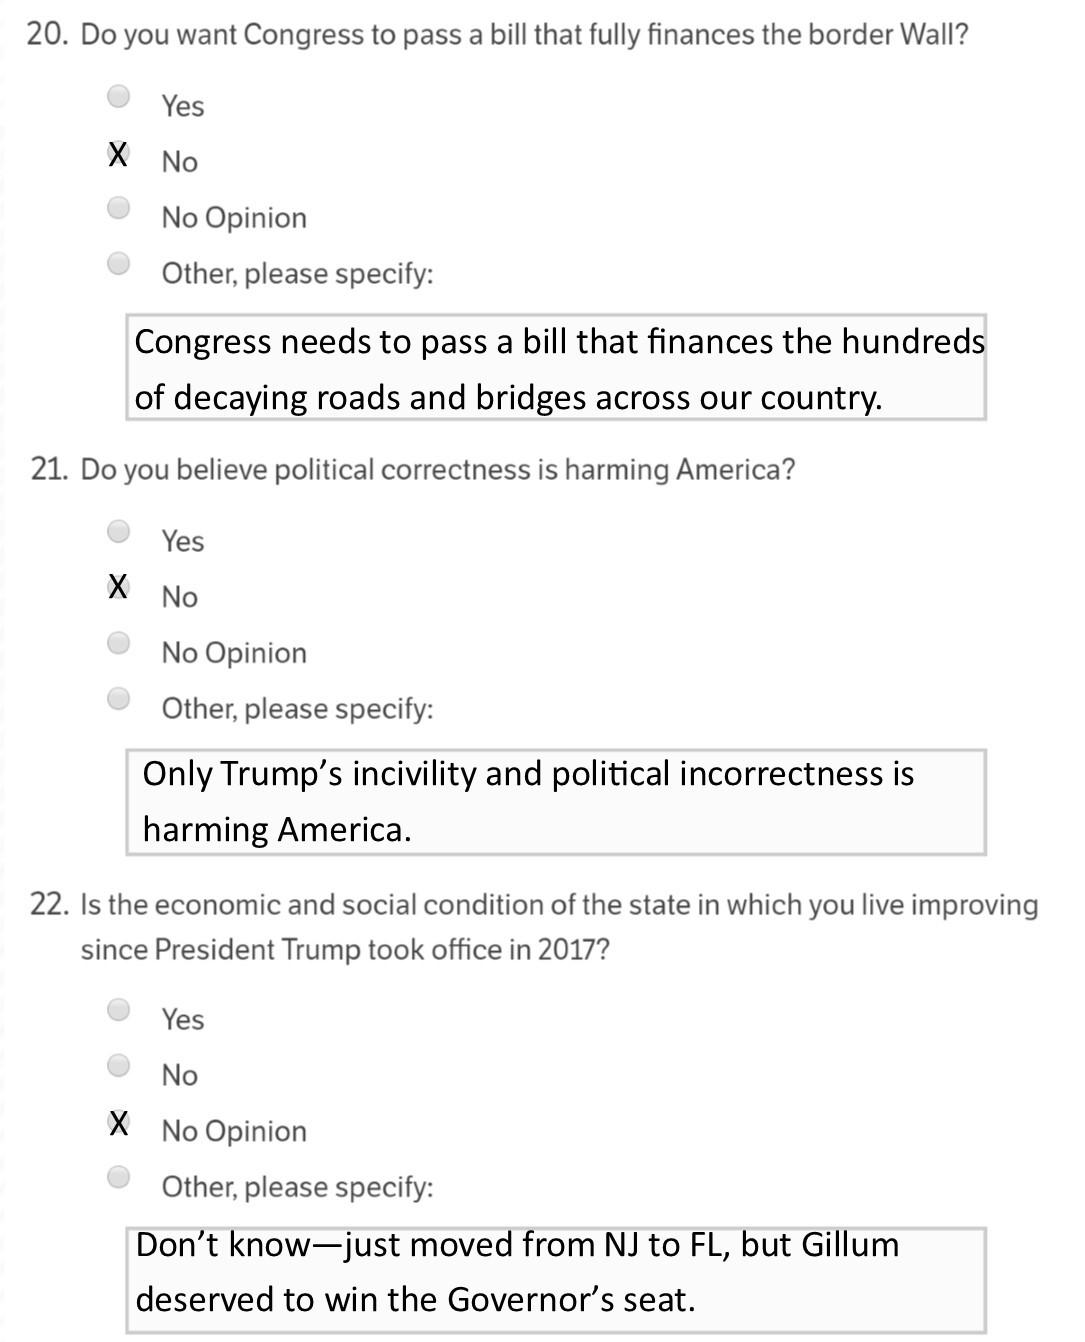 Survey 8 (2)